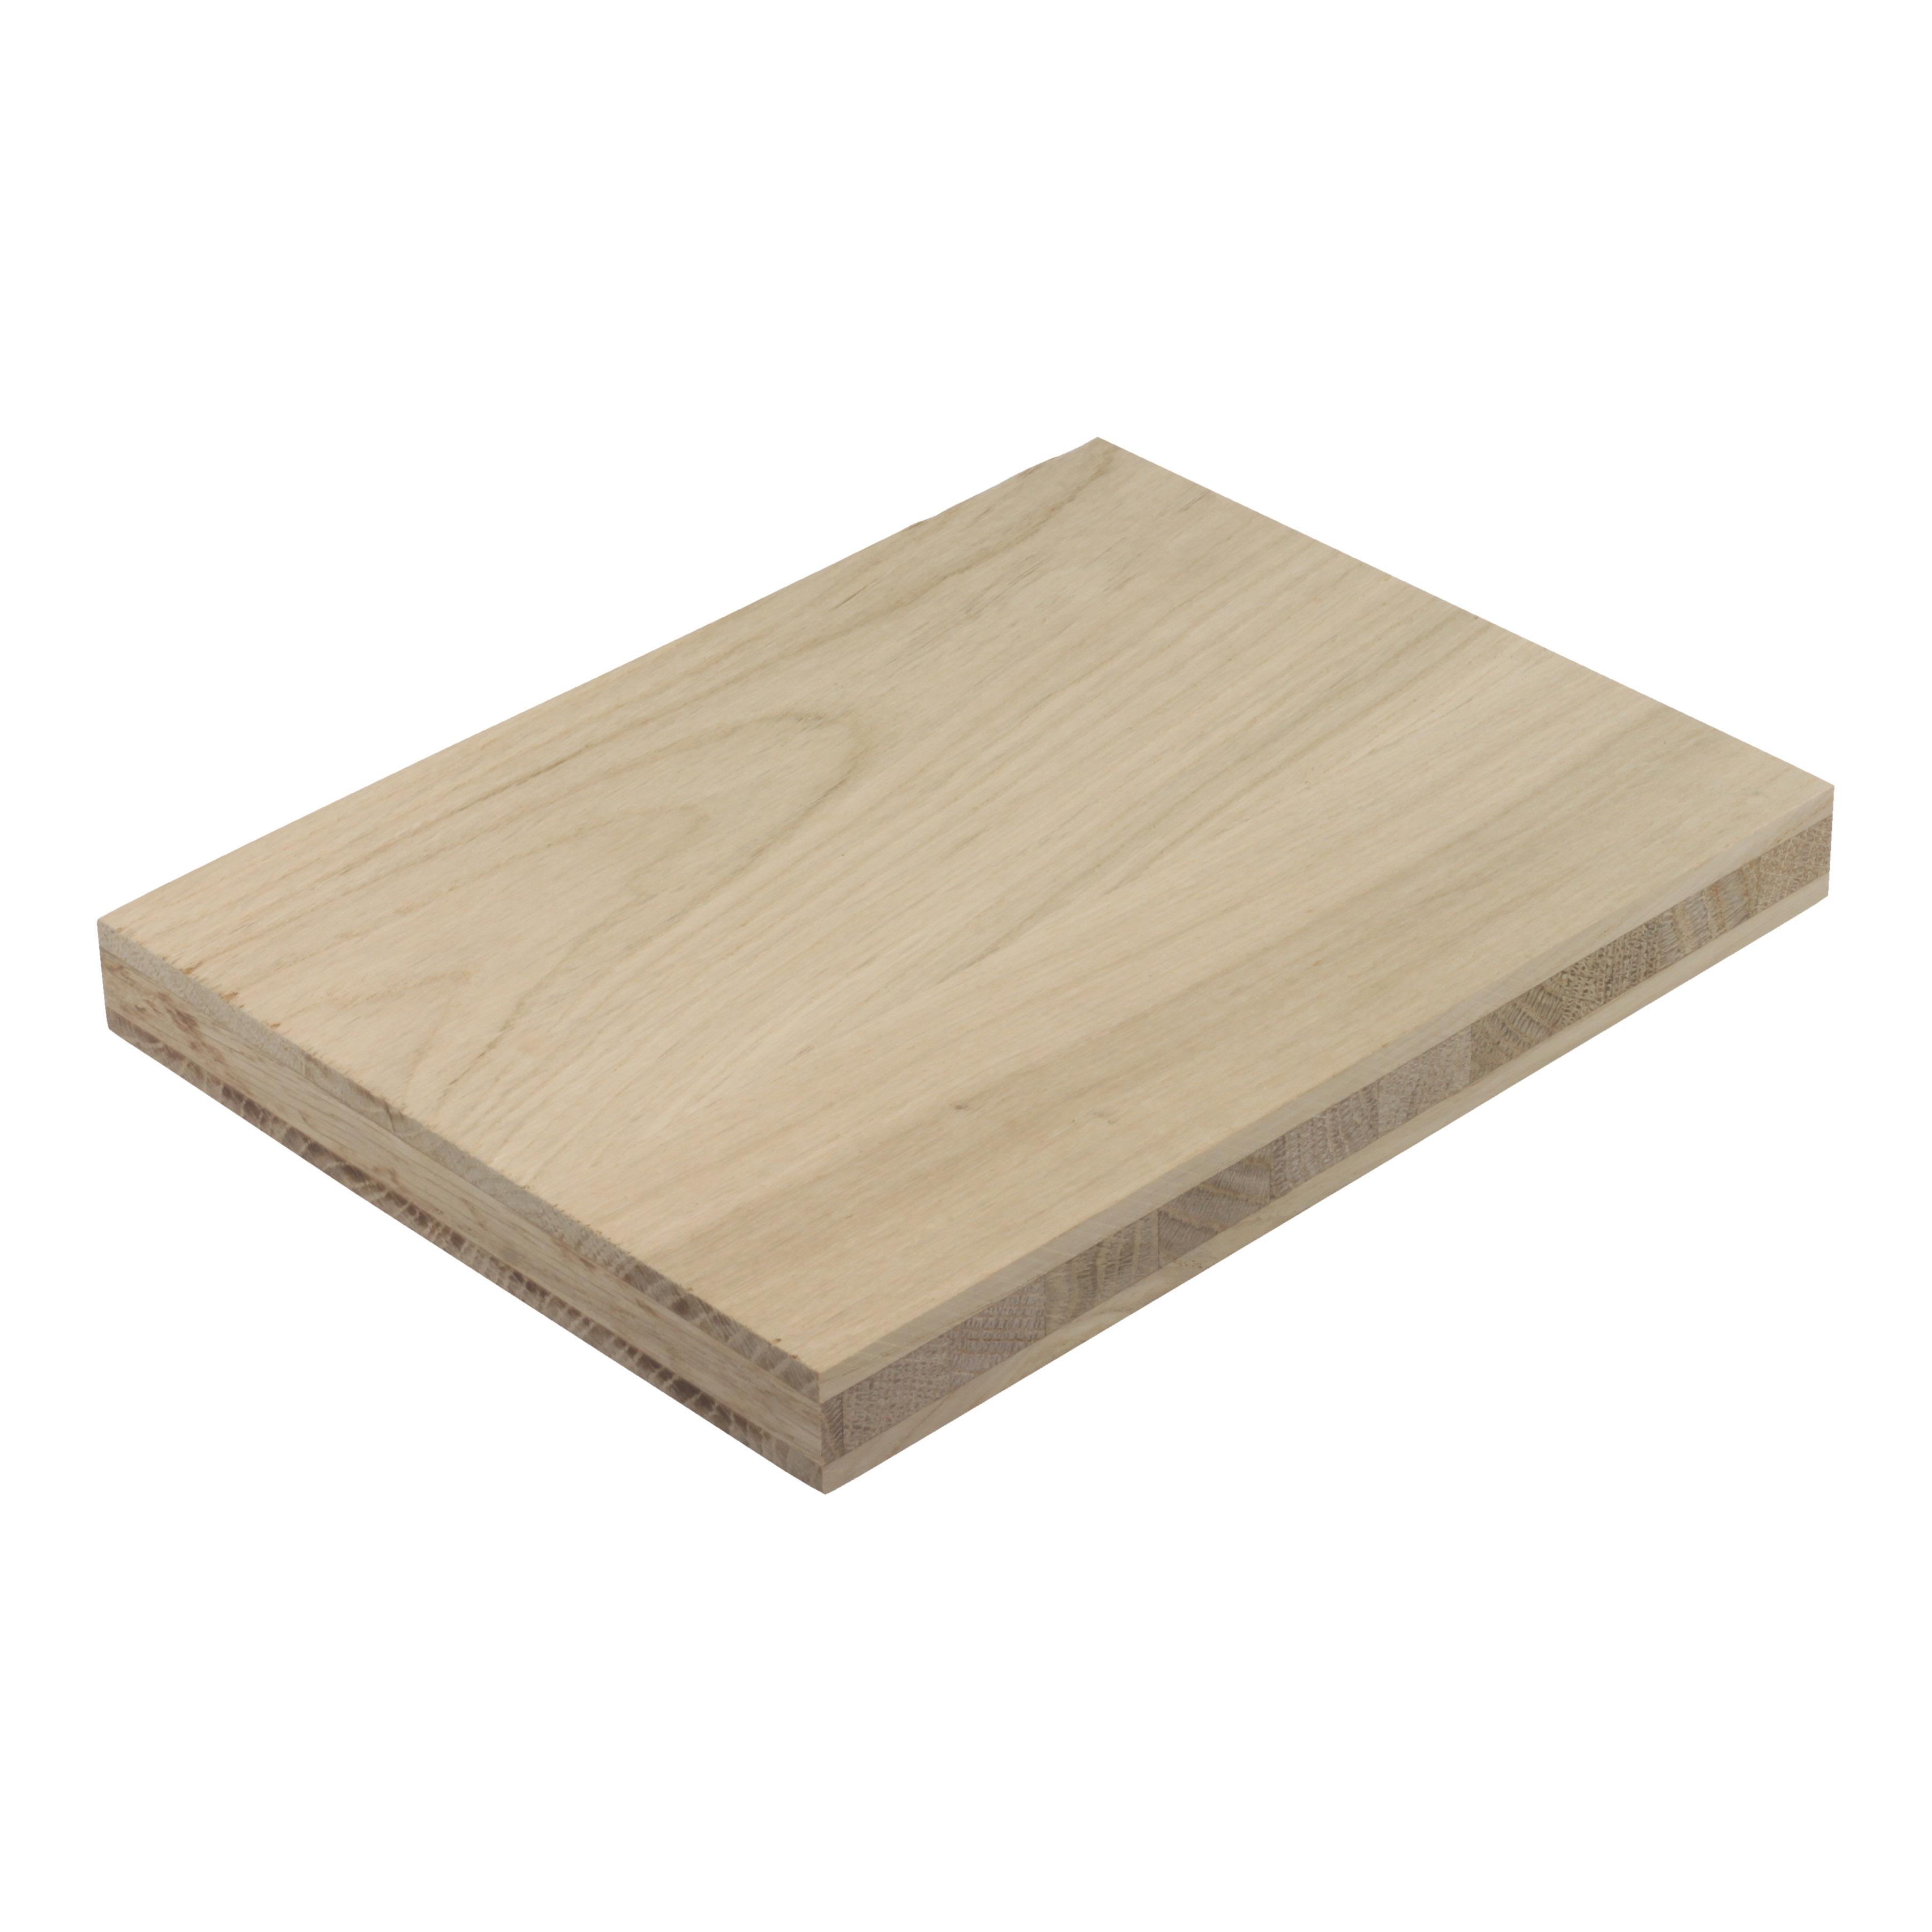 Tischlerplatte Eiche Nach Maß Online Bestellen Holzladenshop